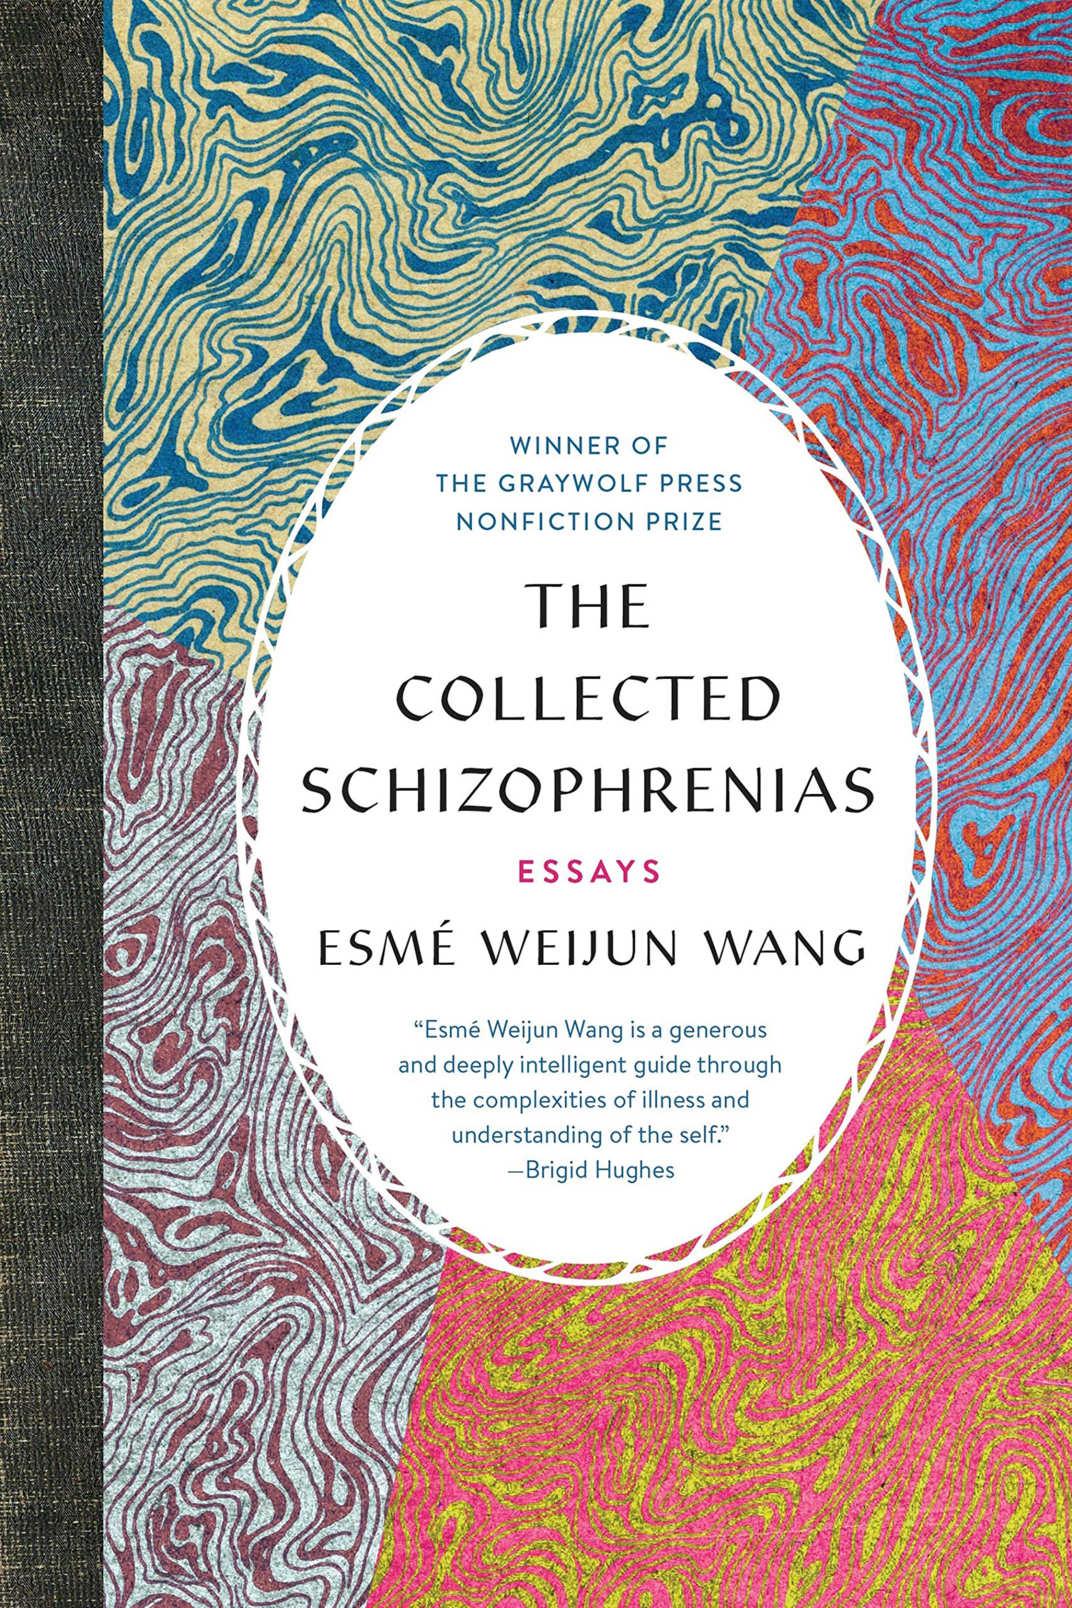 <em>The Collected Schizophrenias</em>, by Esmé Weijun Wang(Graywolf, Feb. 5)